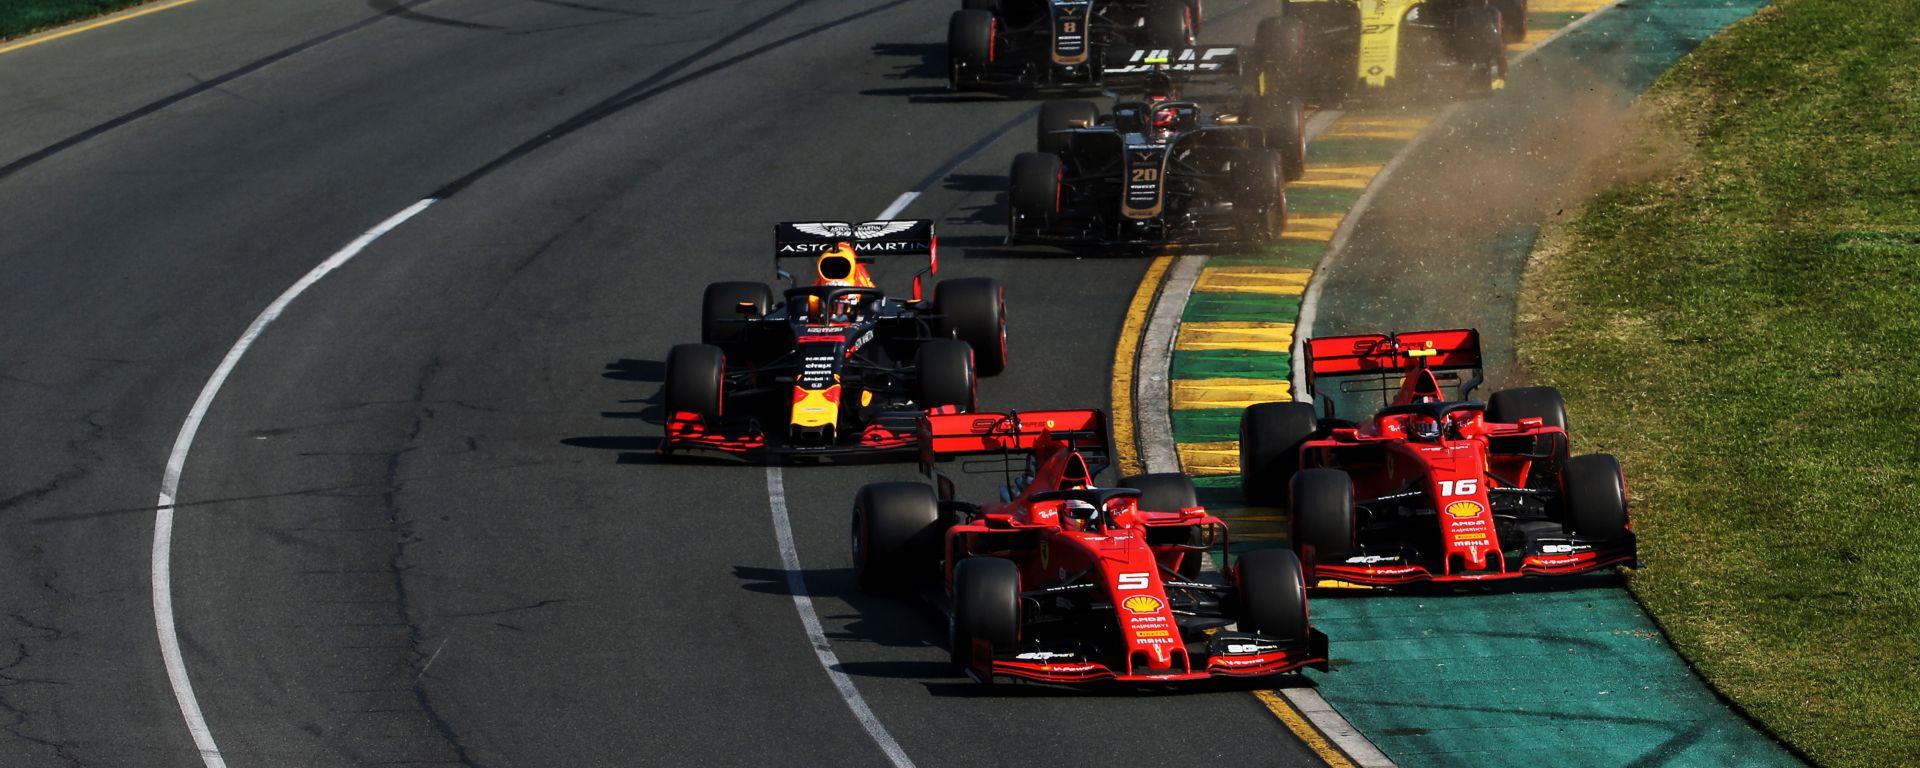 GP Australia 2019, Melbourne: Leclerc e Vettel (Ferrari) si danno battaglia alla seconda curva